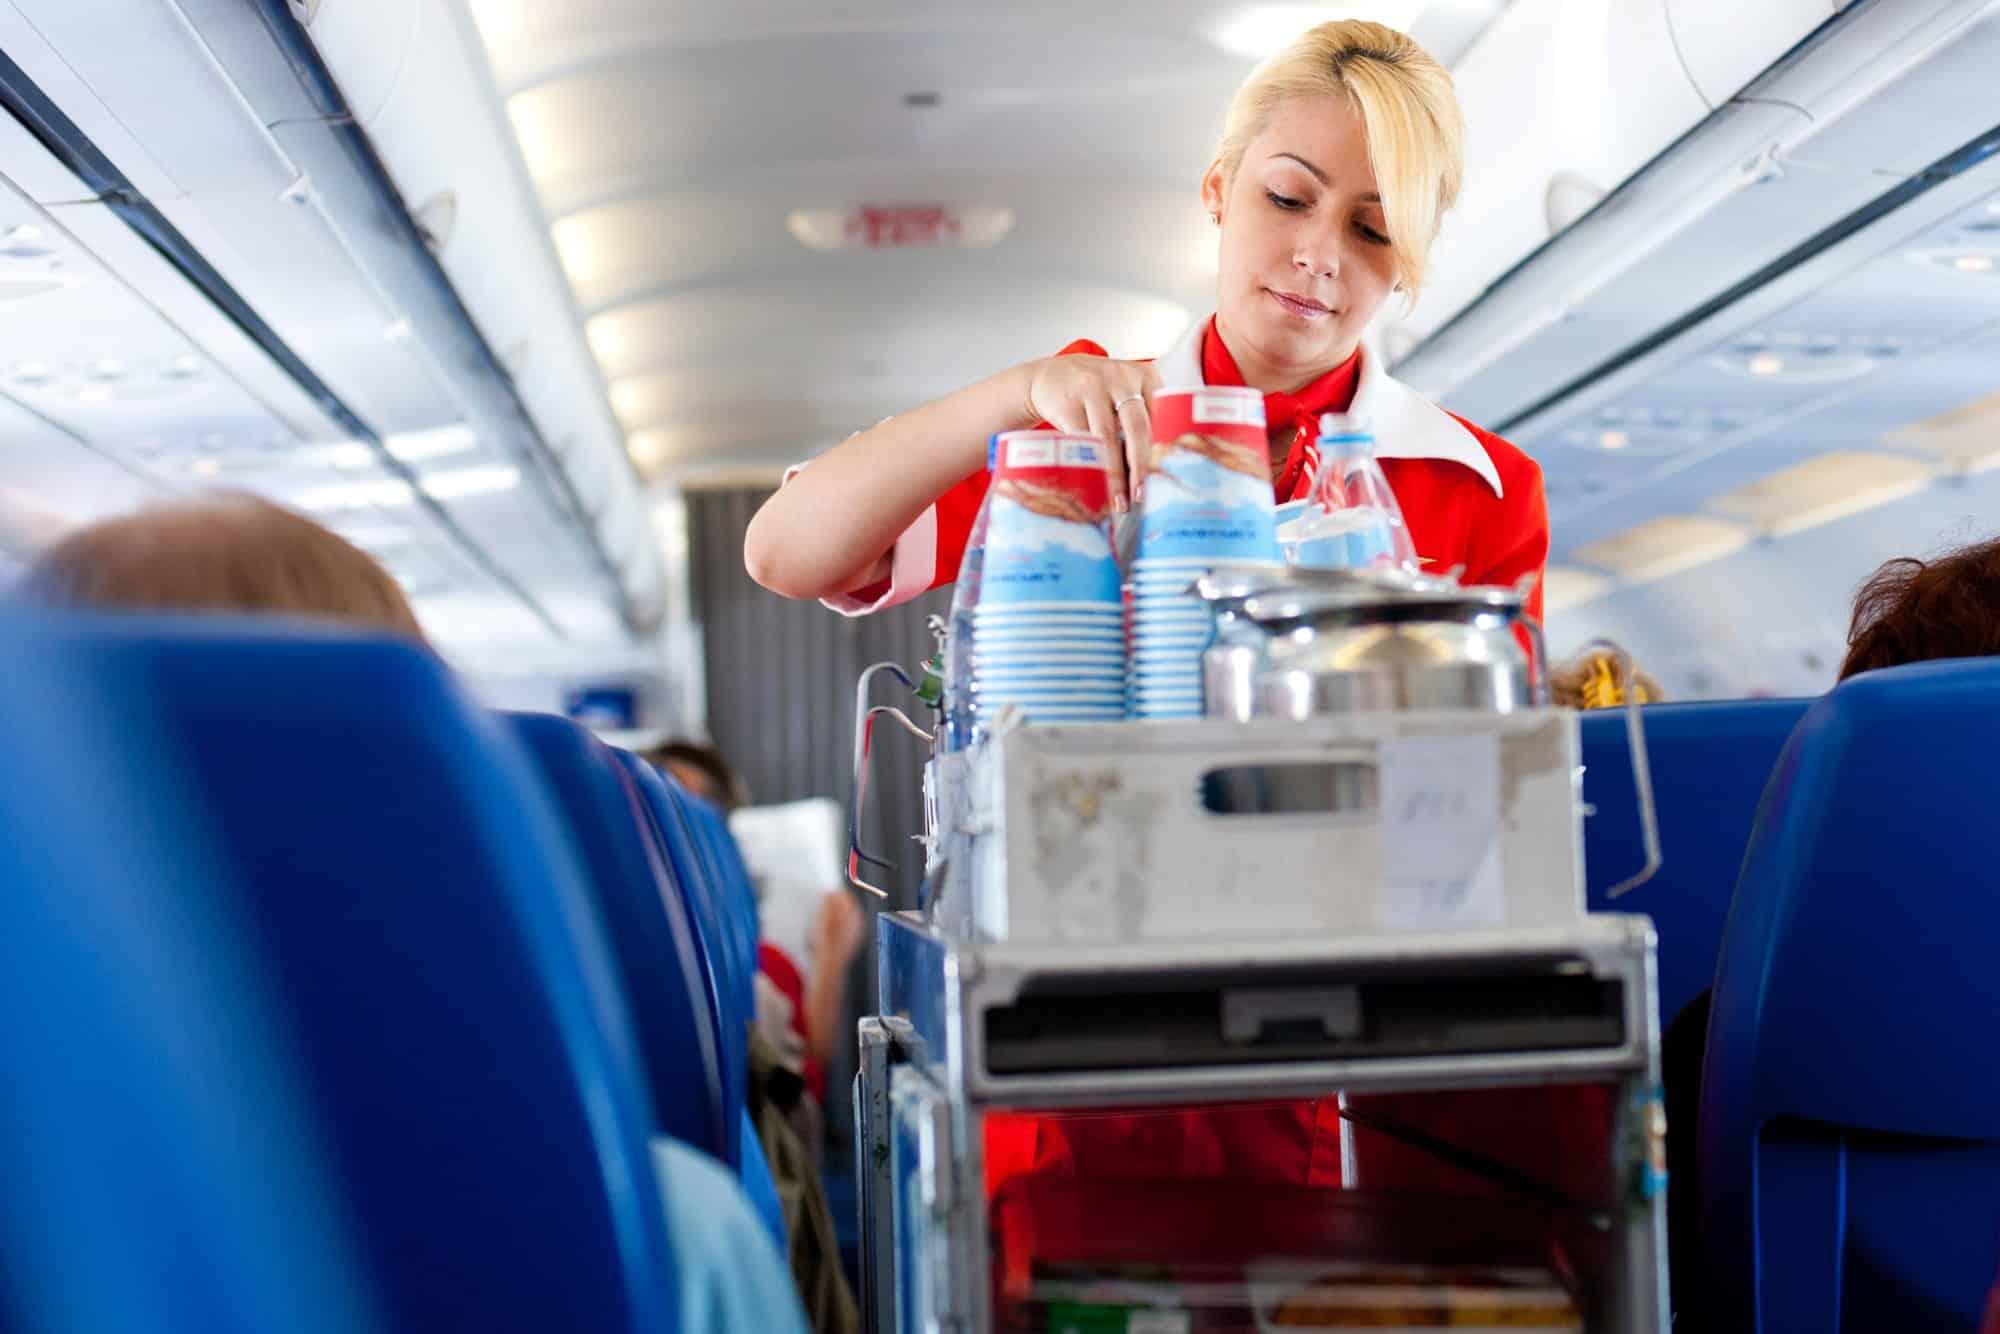 Почему в самолете перестают кормить своих пассажиров: список перевозчиков, которые не кормят пассажиров